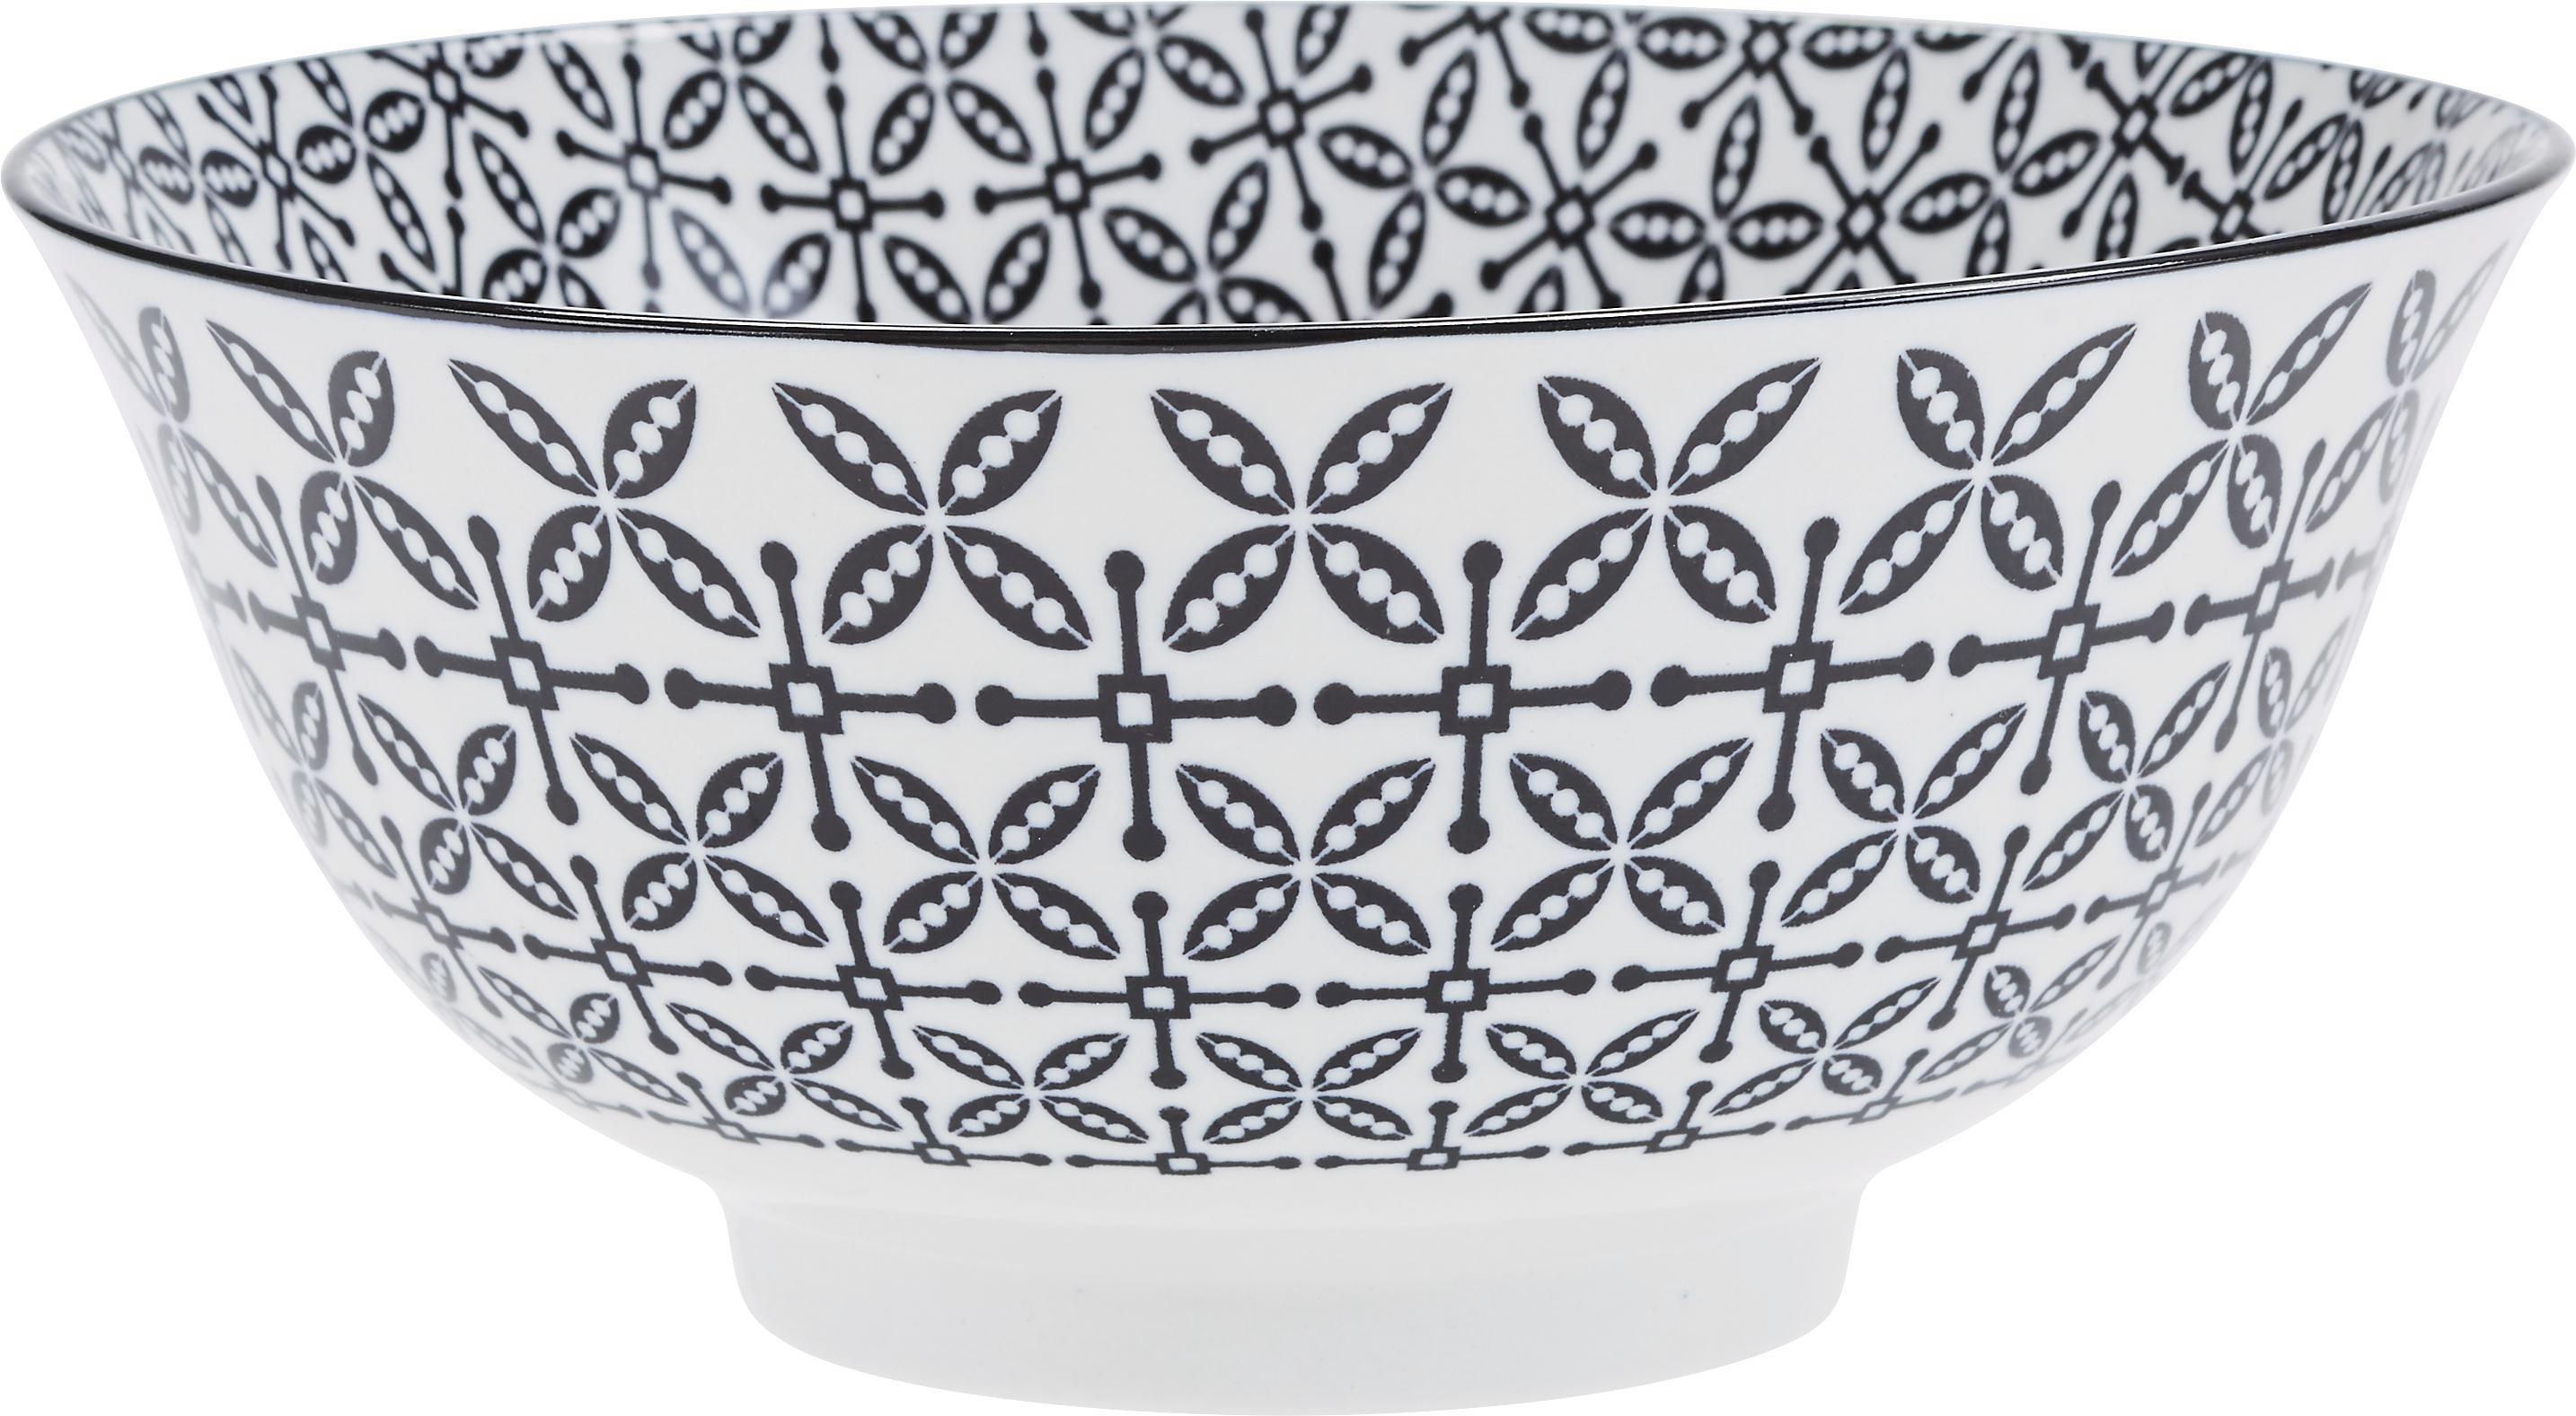 Schüssel Shiva in verschiedenen Motiven - Schwarz/Weiß, LIFESTYLE, Keramik (21/8cm) - MÖMAX modern living